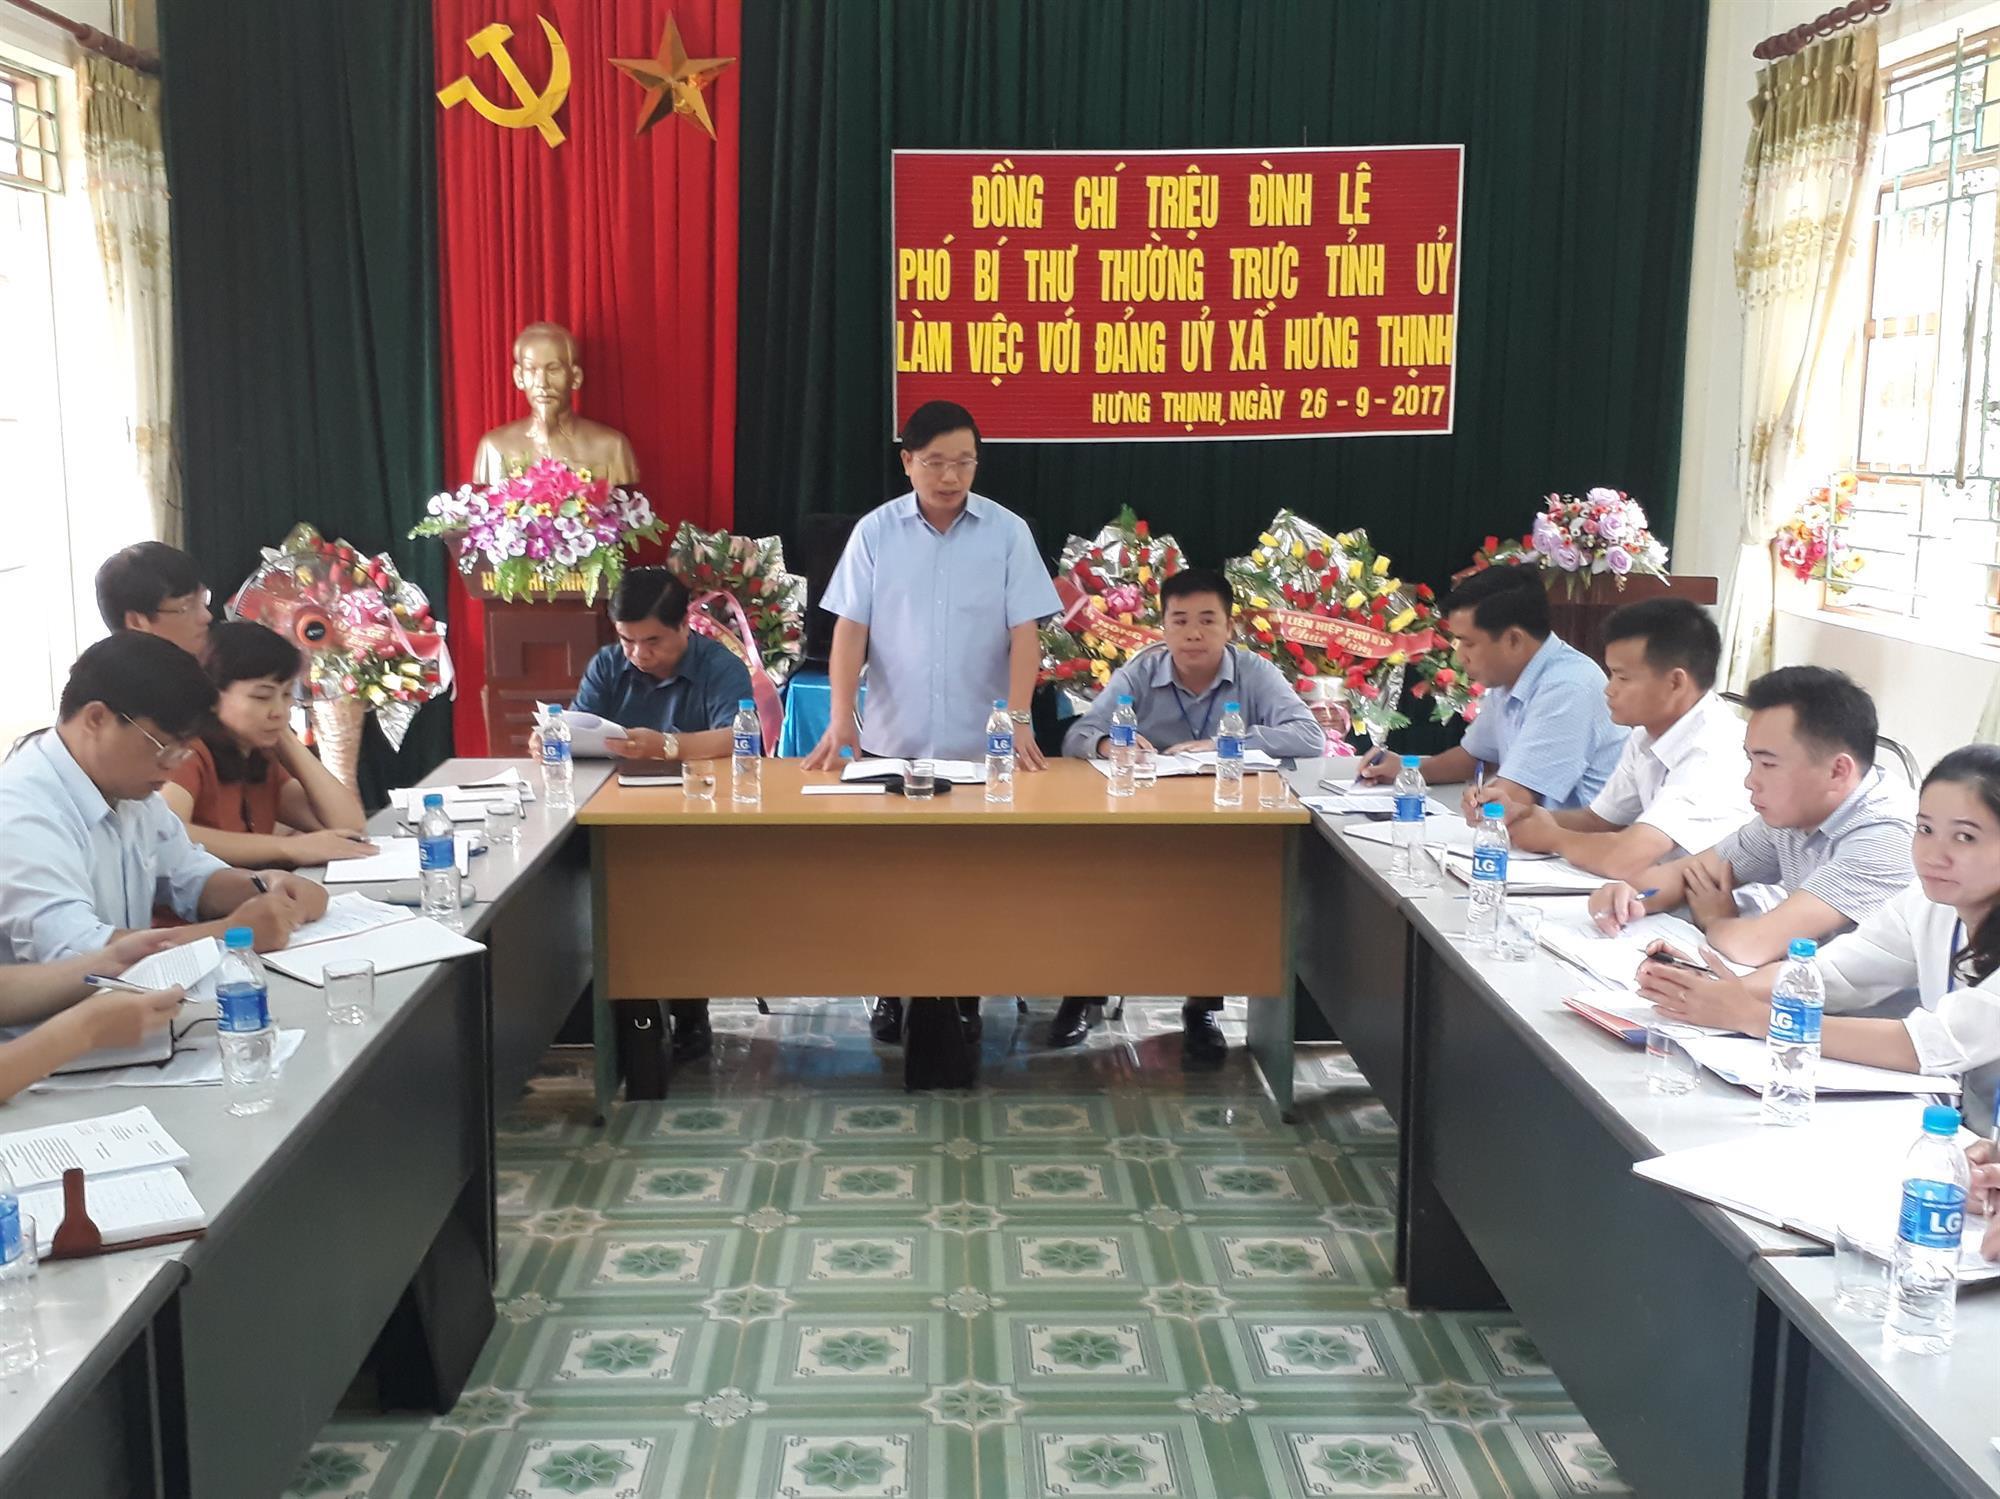 Phó Bí thư Thường trực Tỉnh ủy Triệu Đình Lê làm việc tại xã Hưng Thịnh (Bảo Lạc)